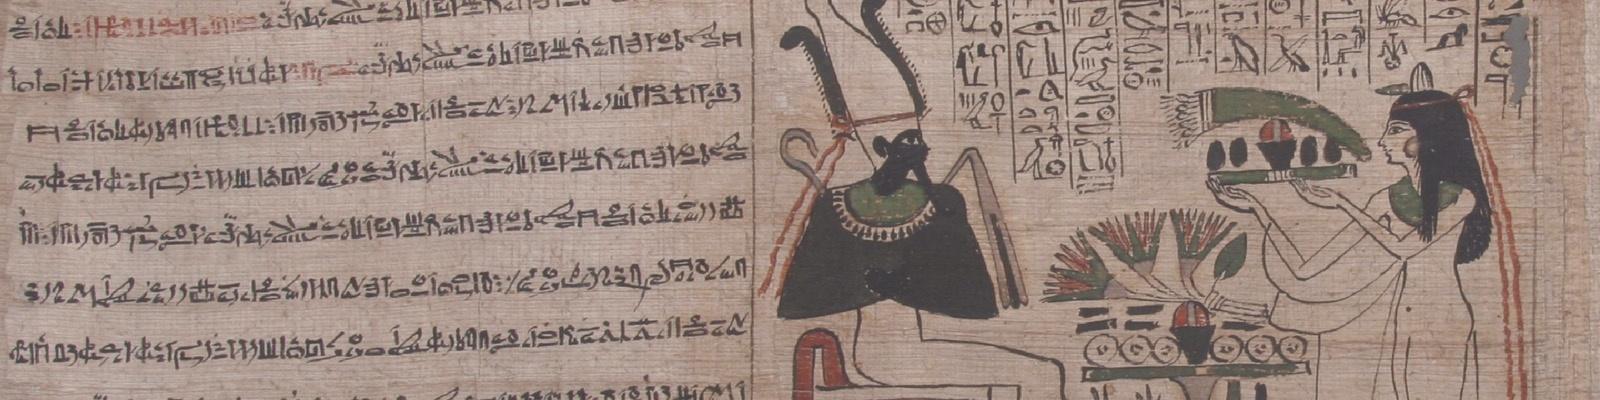 الكتابة الهيراطقية - منذ عصر الأهرامات إلى عصر الرعامسة